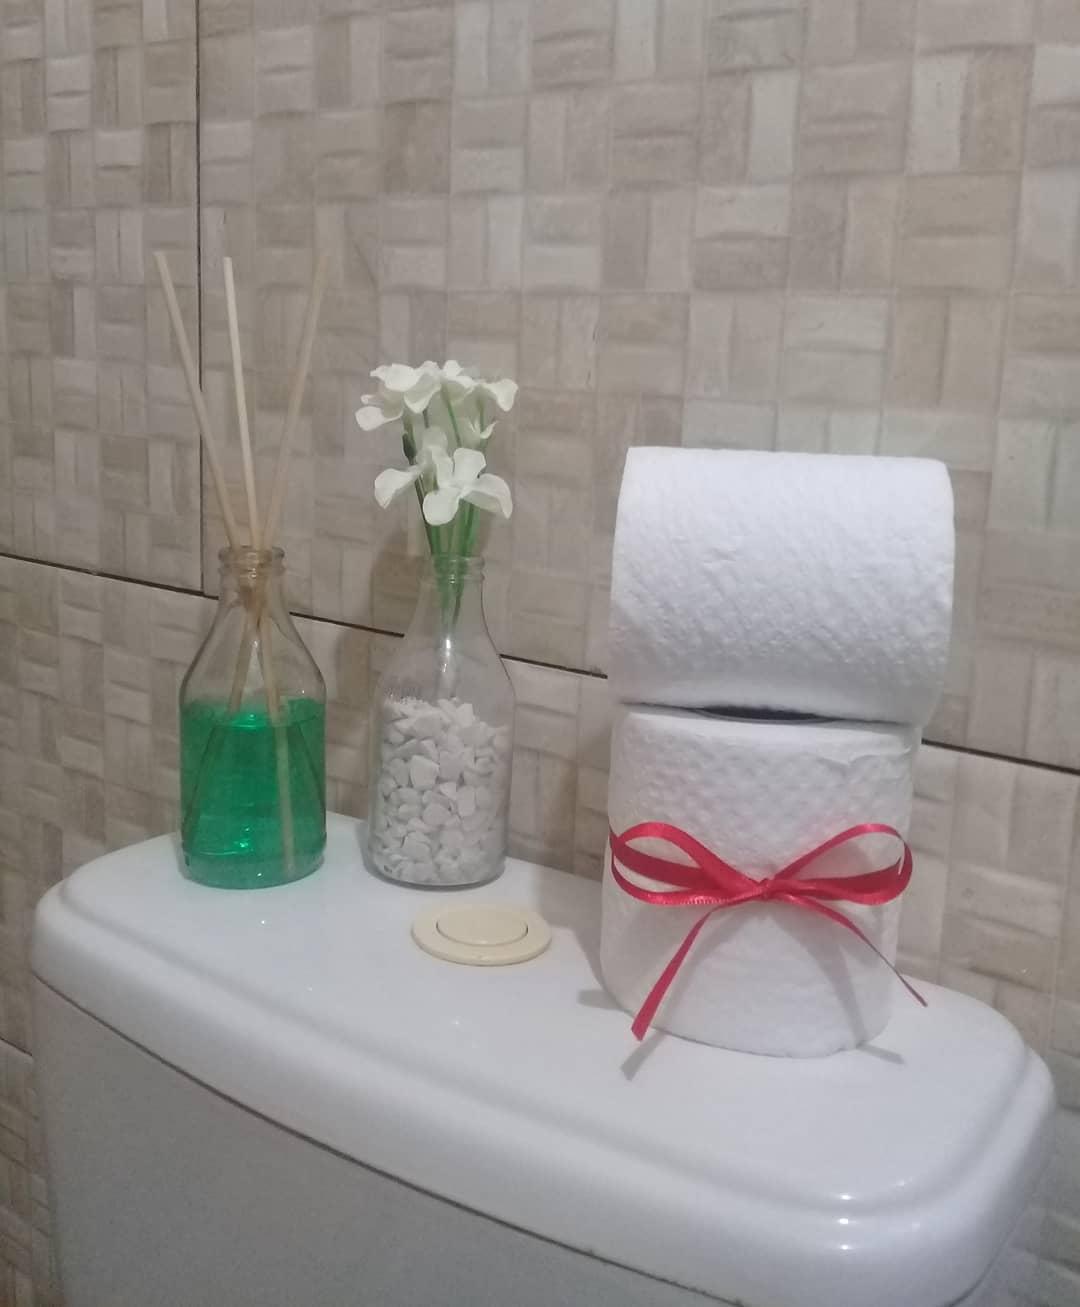 Enfeites de banheiro